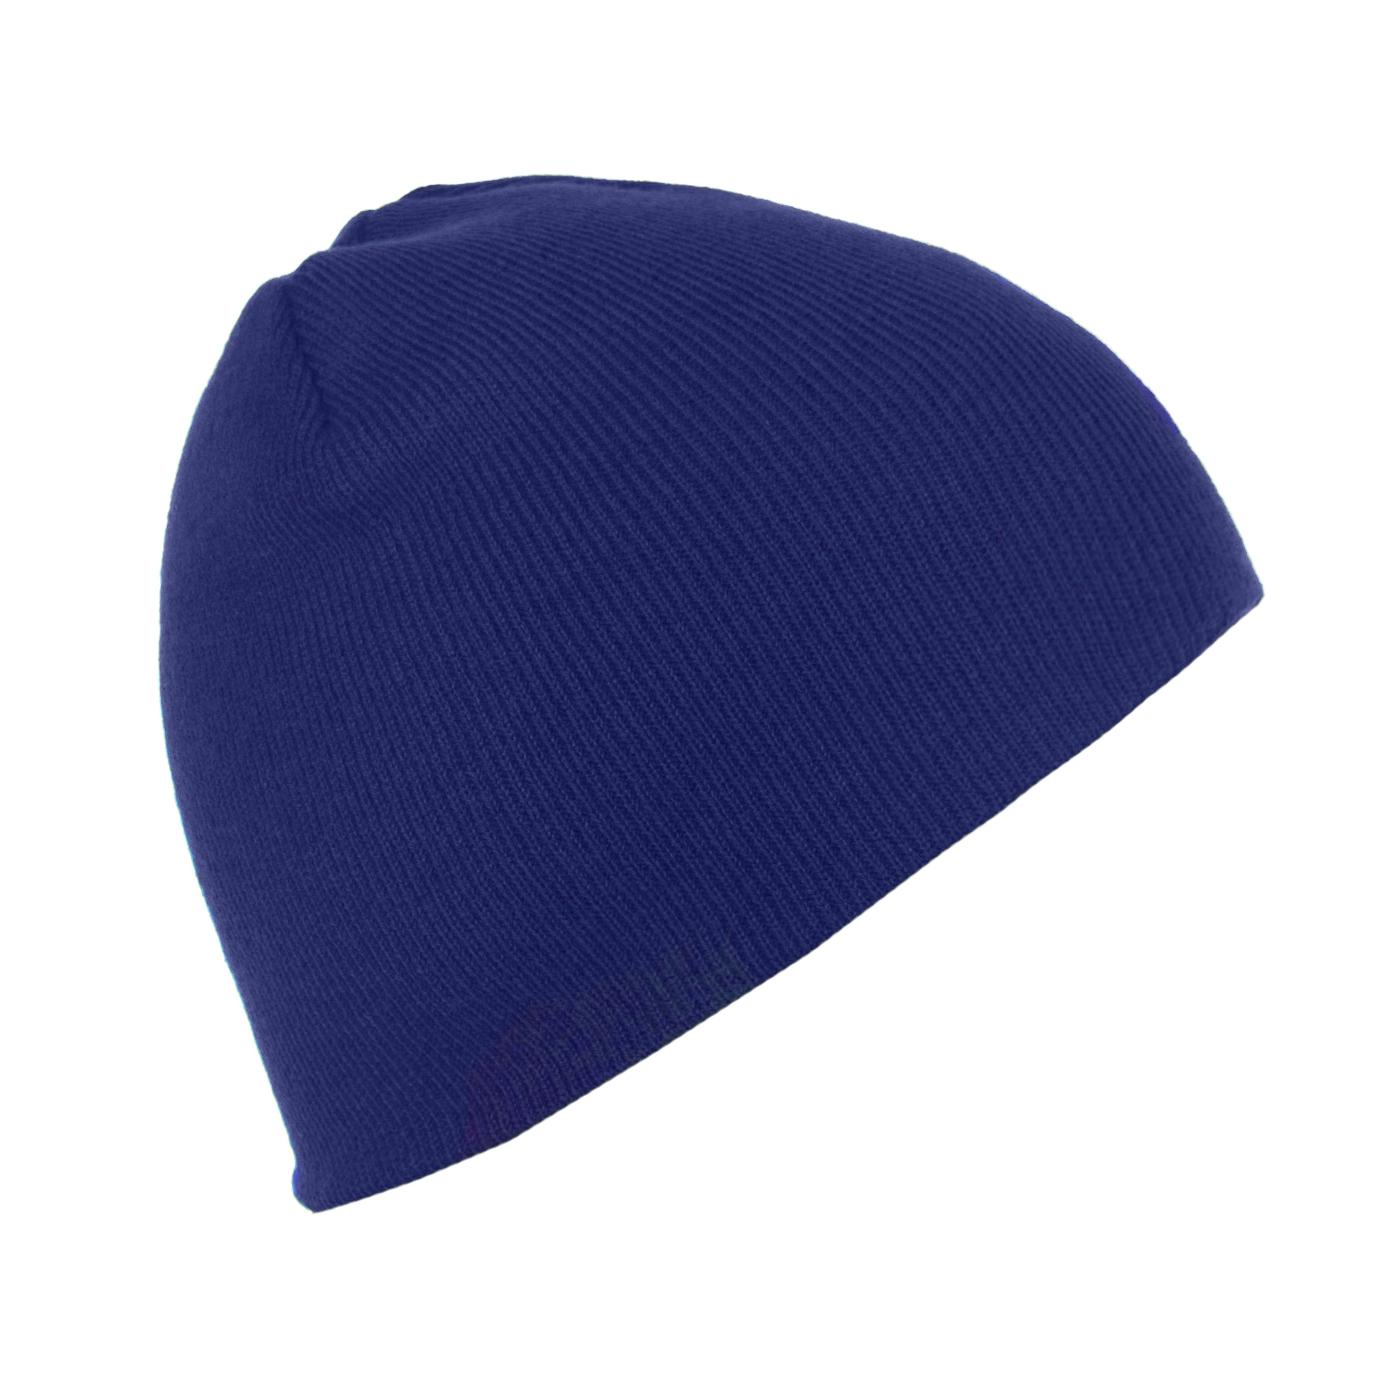 Męska czapka zimowa Ben - niebieska